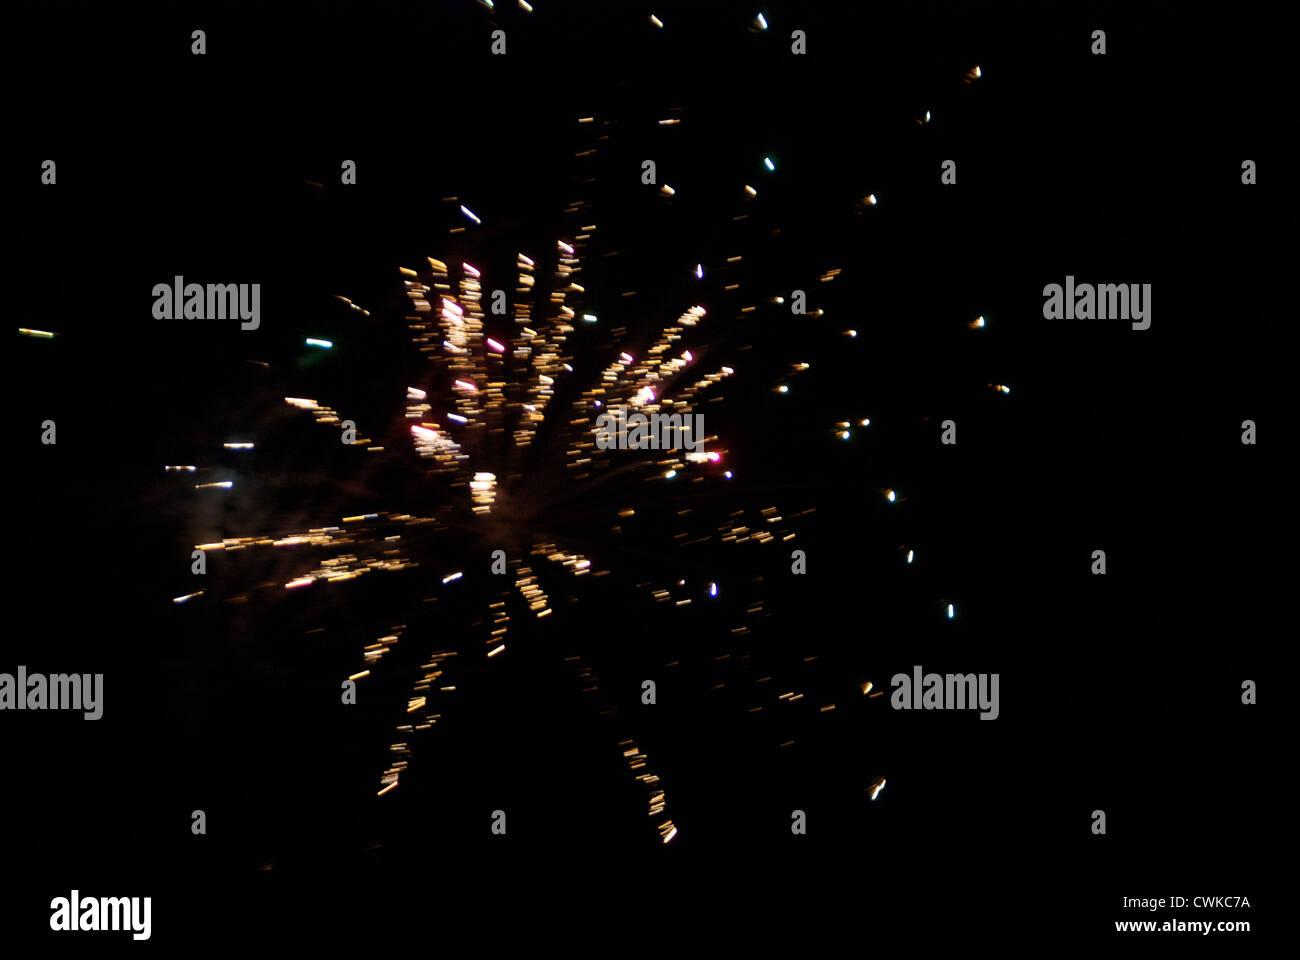 Fire works exploding against dark sky - Stock Image